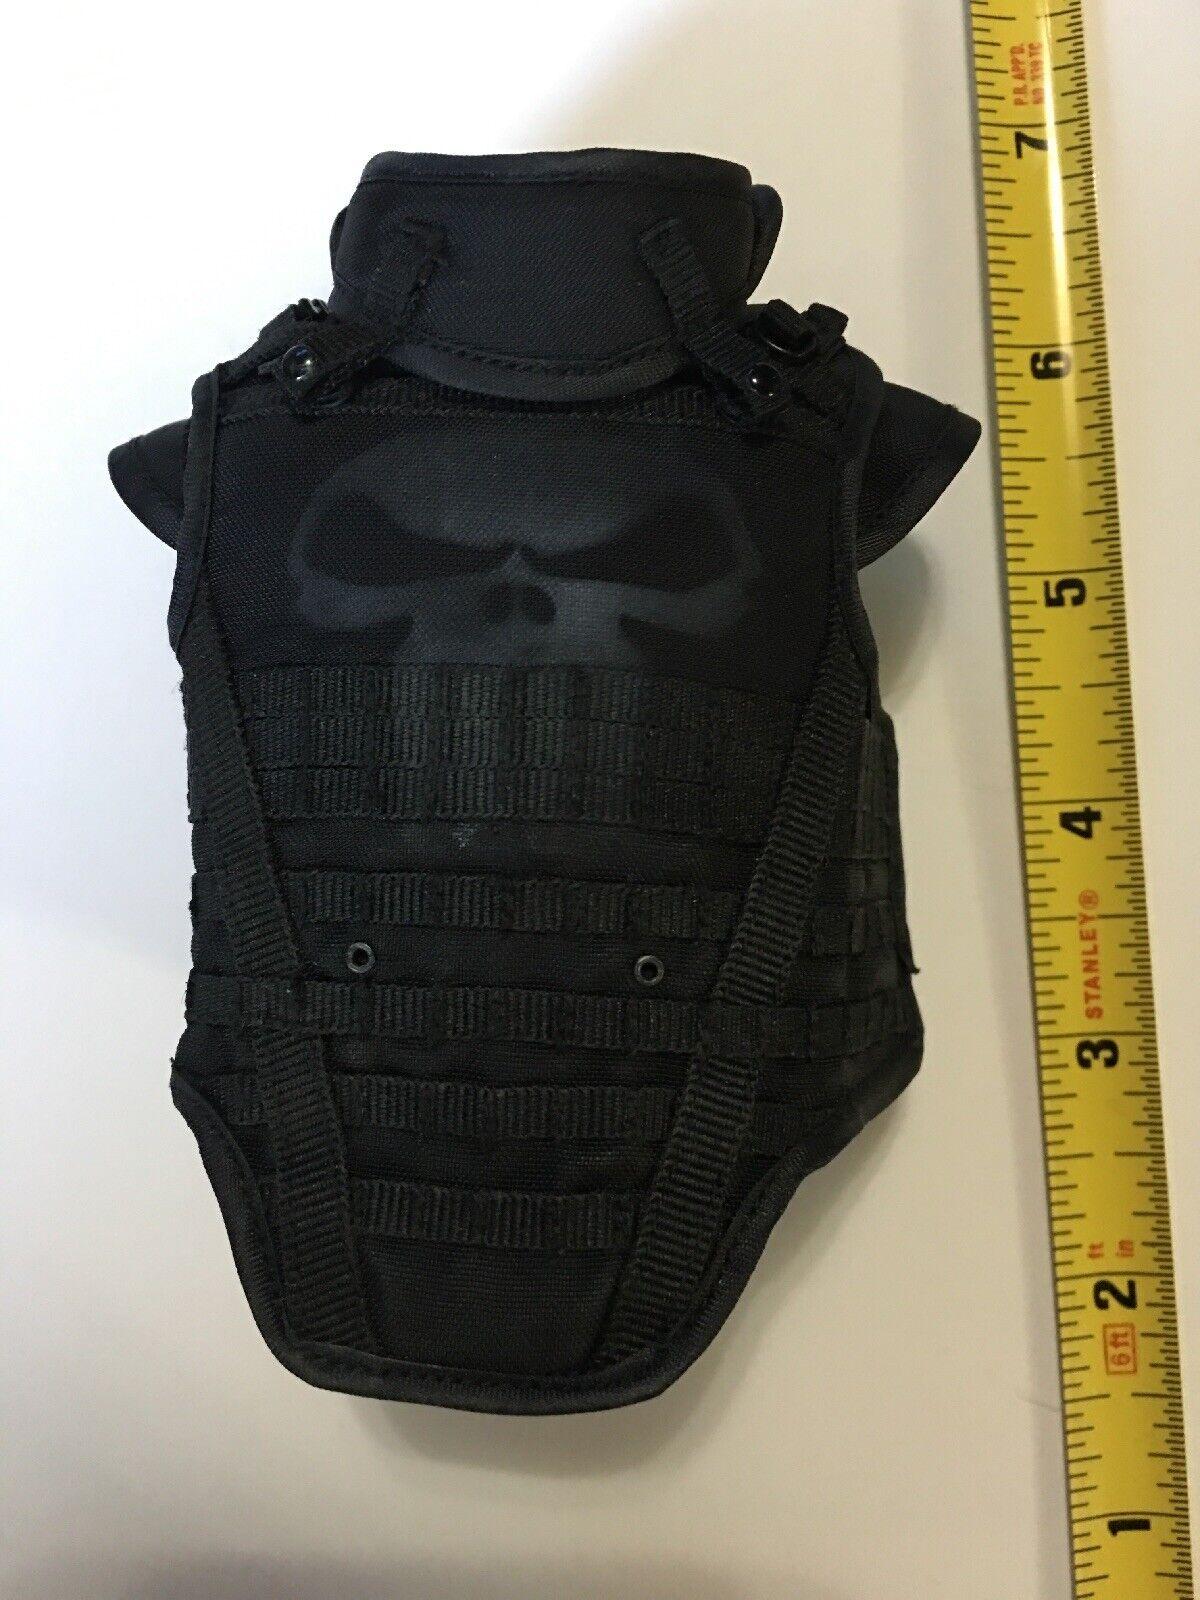 16 Scale Punisher War Zone Bulletproof Vest Flack Jacket